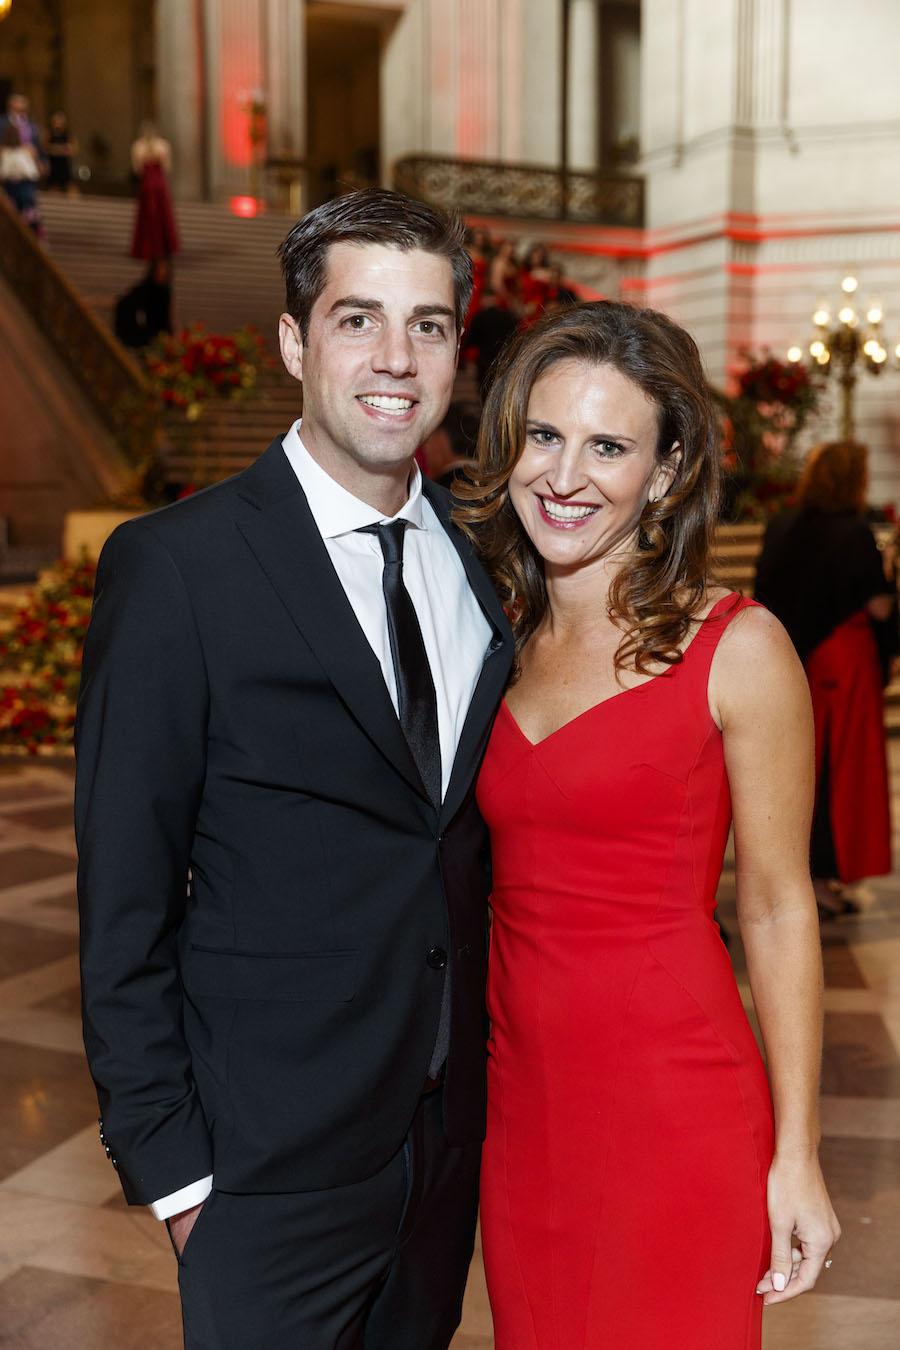 Austin Wade and Jennifer Wade